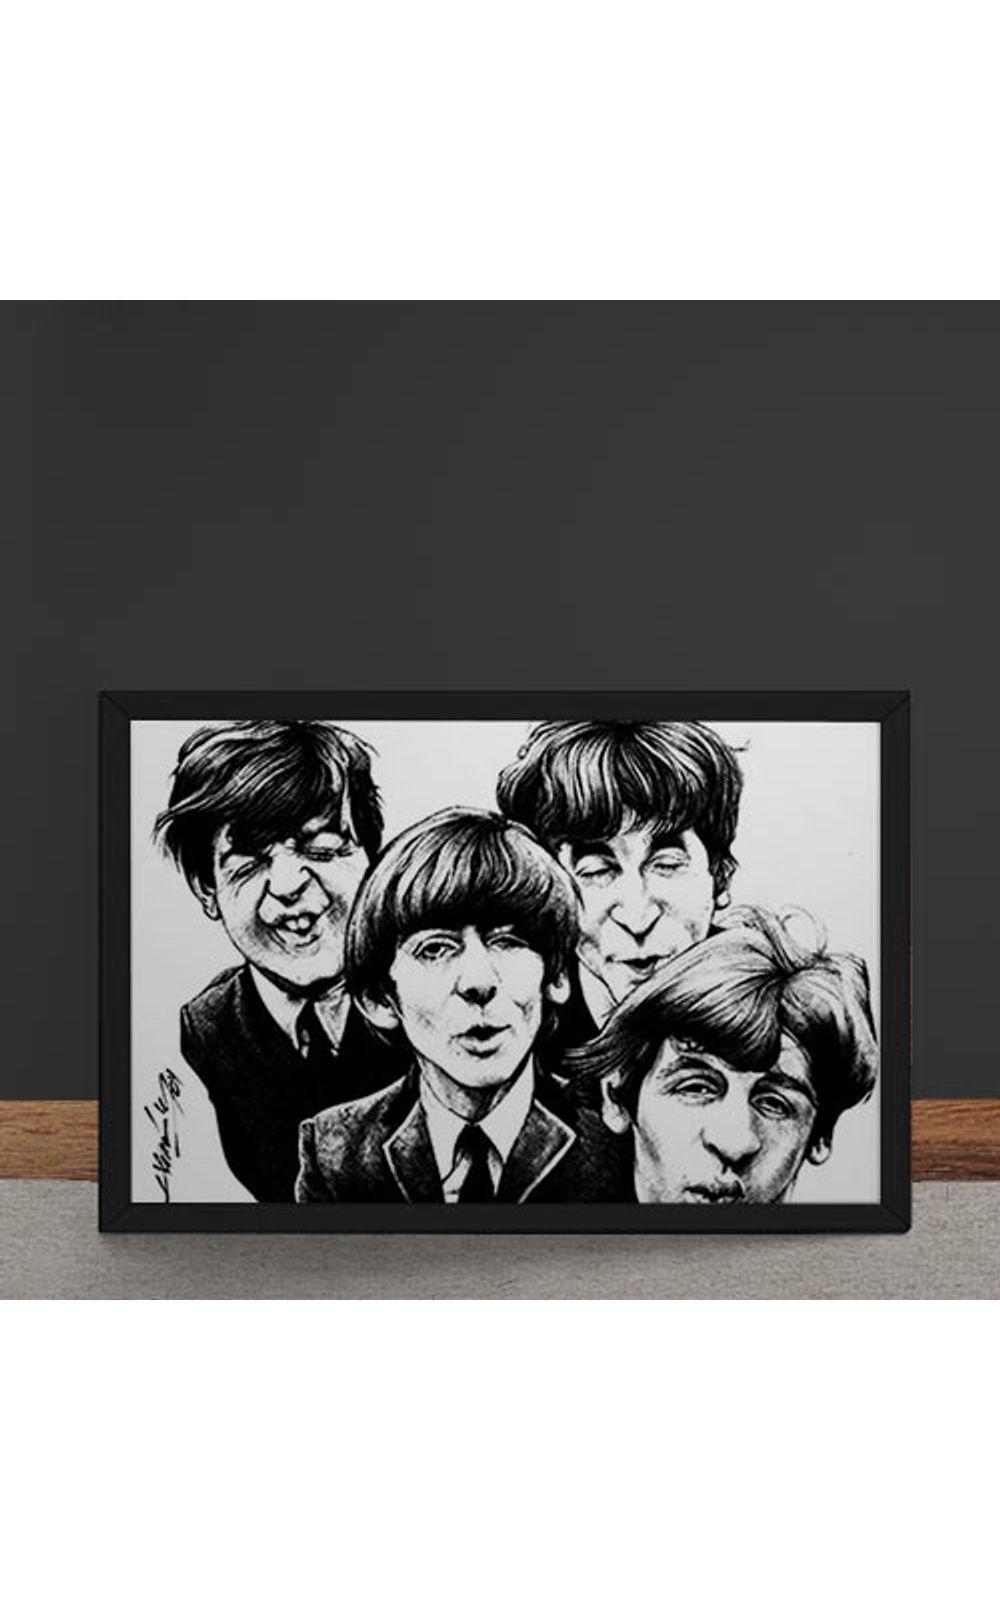 Foto 4 - Quadro Decorativo Beatles Caricatura